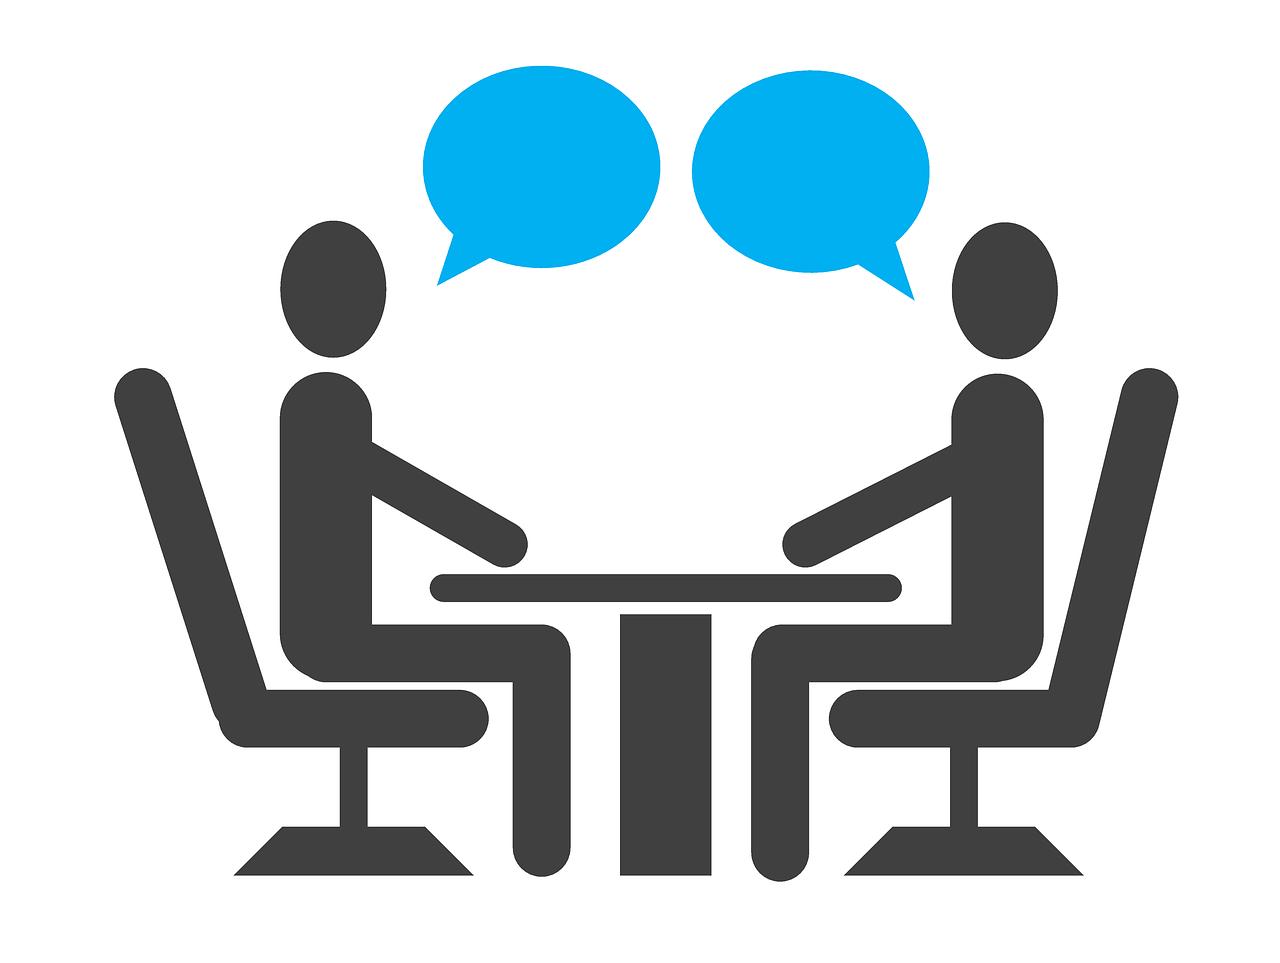 persone sedute per decidere come creare sito